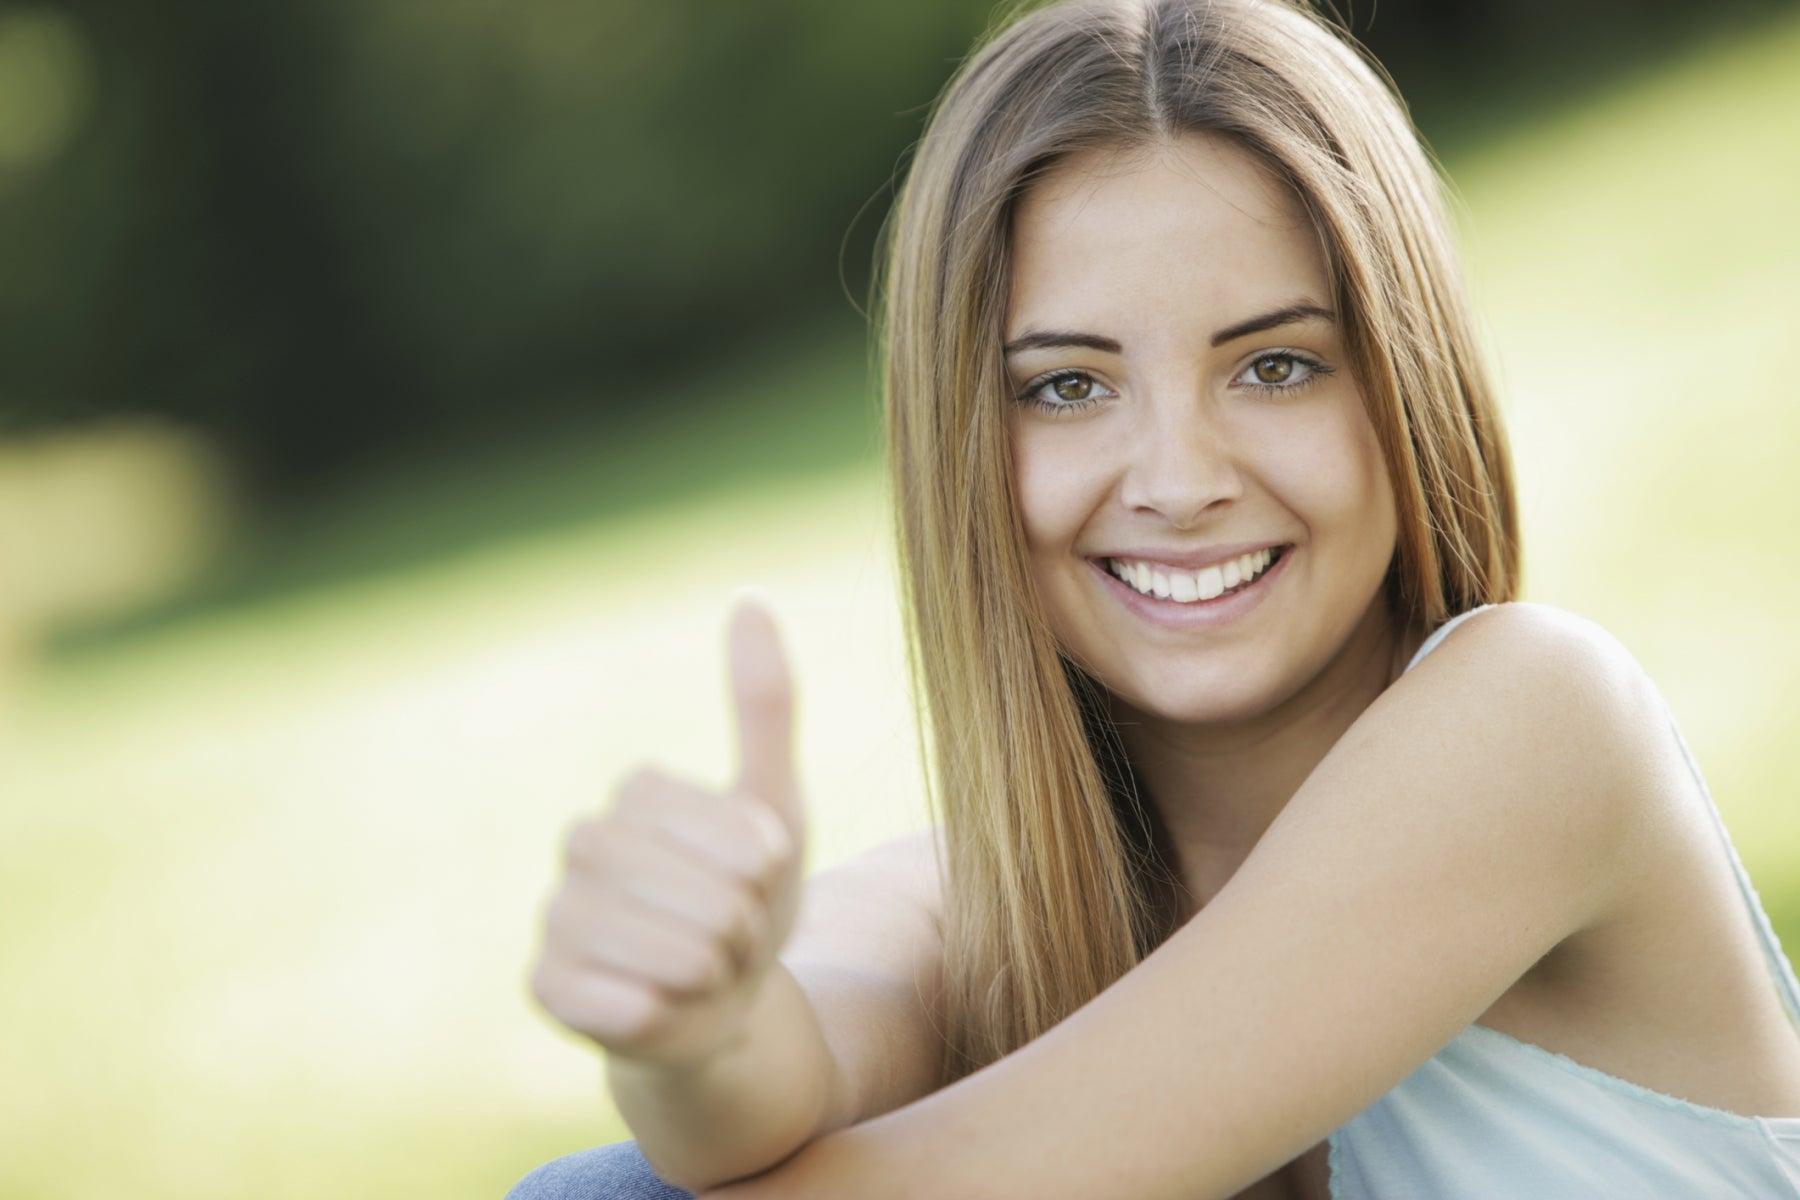 Mujer optimista y sonriente